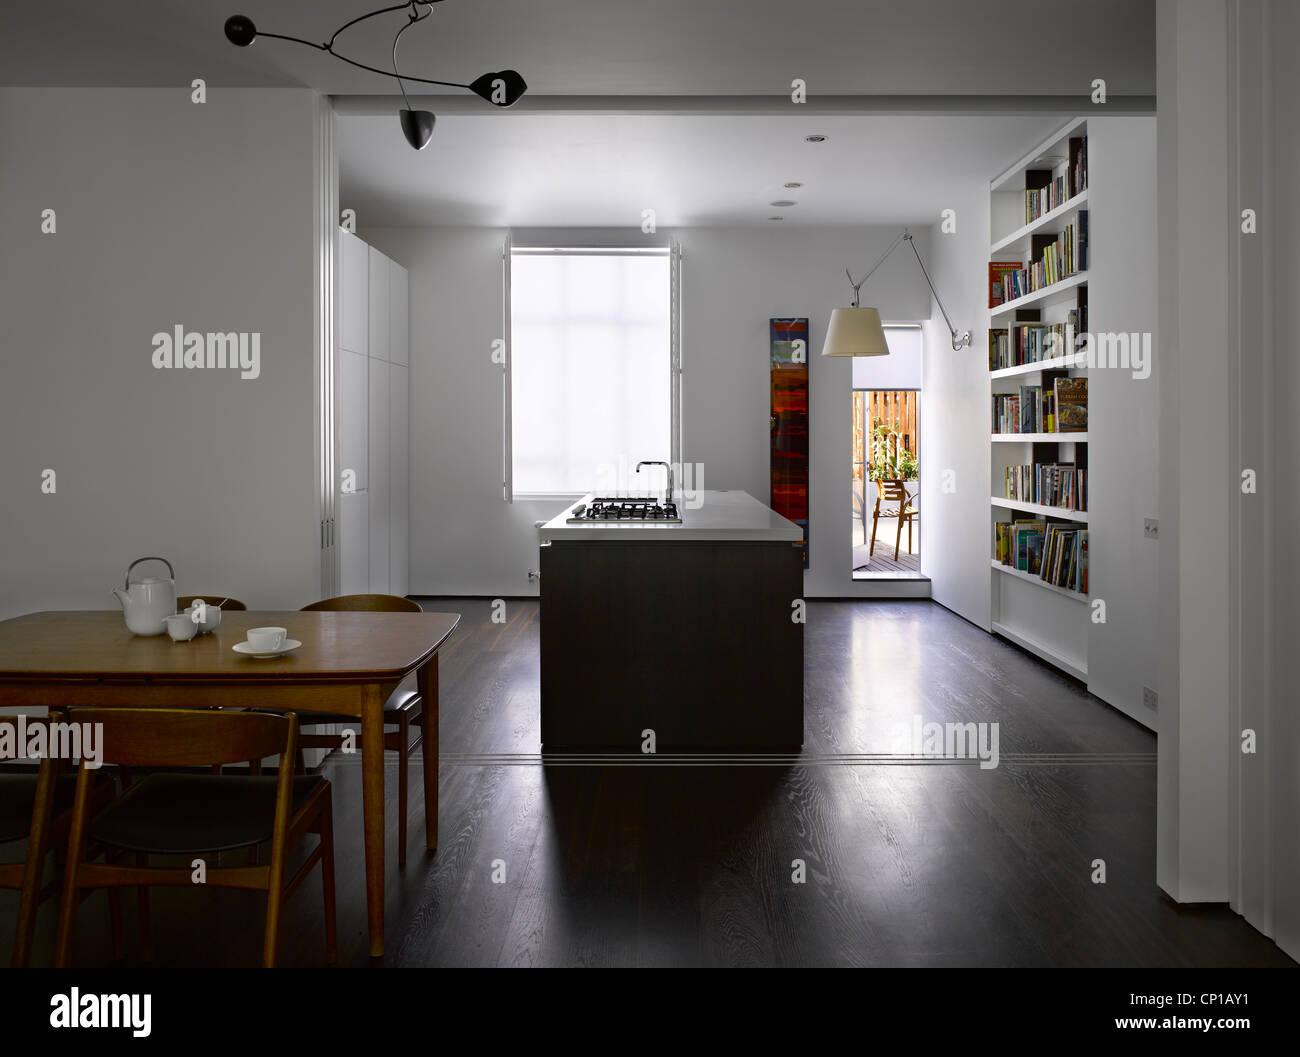 Offene Küche und Esszimmer mit Schiebetüren, Bayswater, London, UK ...